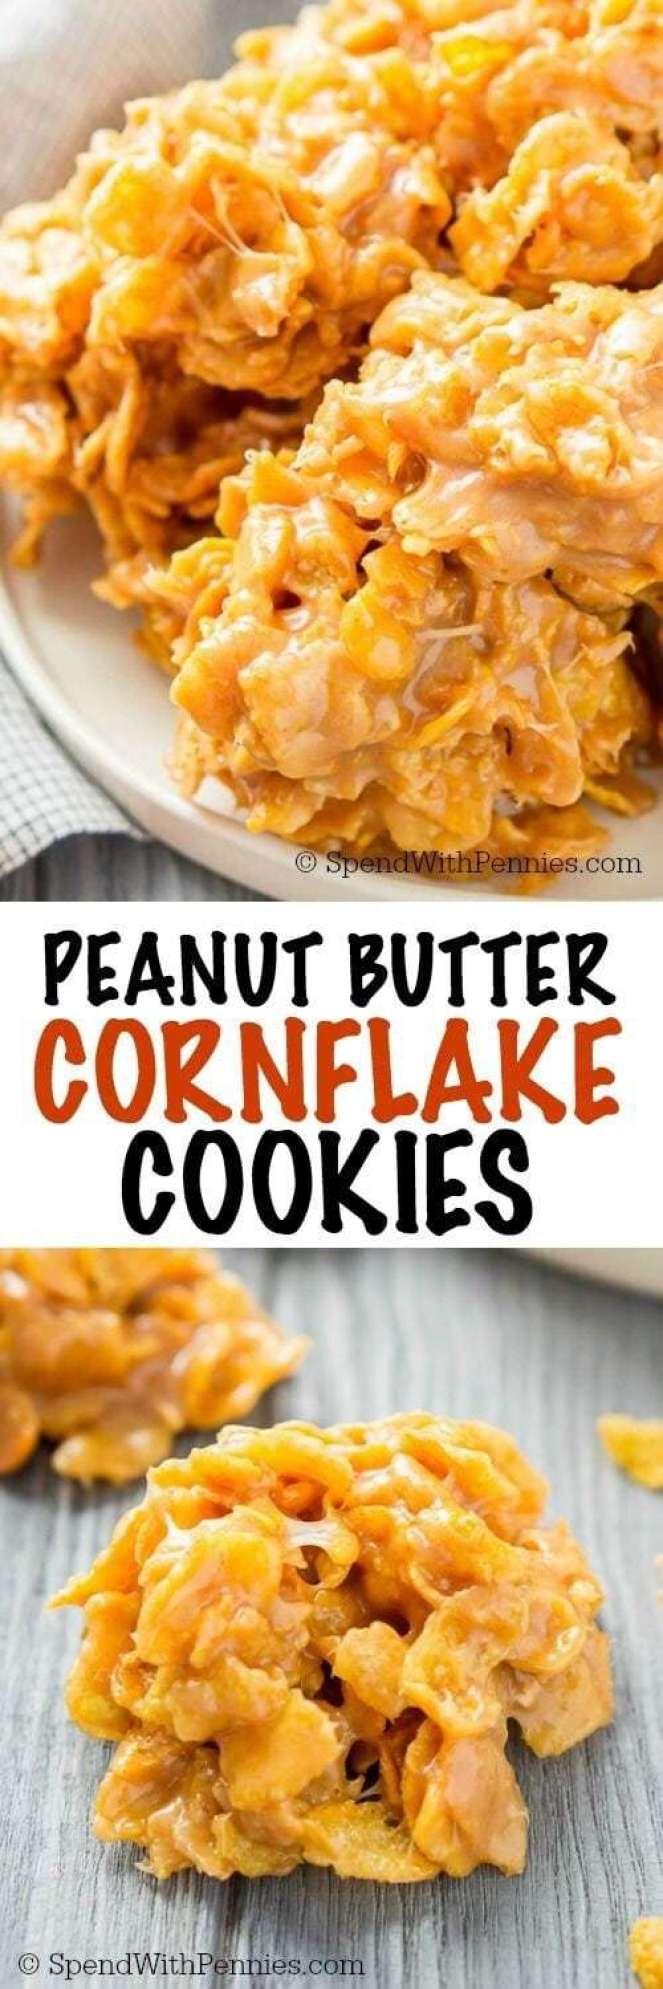 Easy No-Bake Cookies Anyone Can Make (Part 2) - No-Bake Cookies, Classic No-Bake Cookies